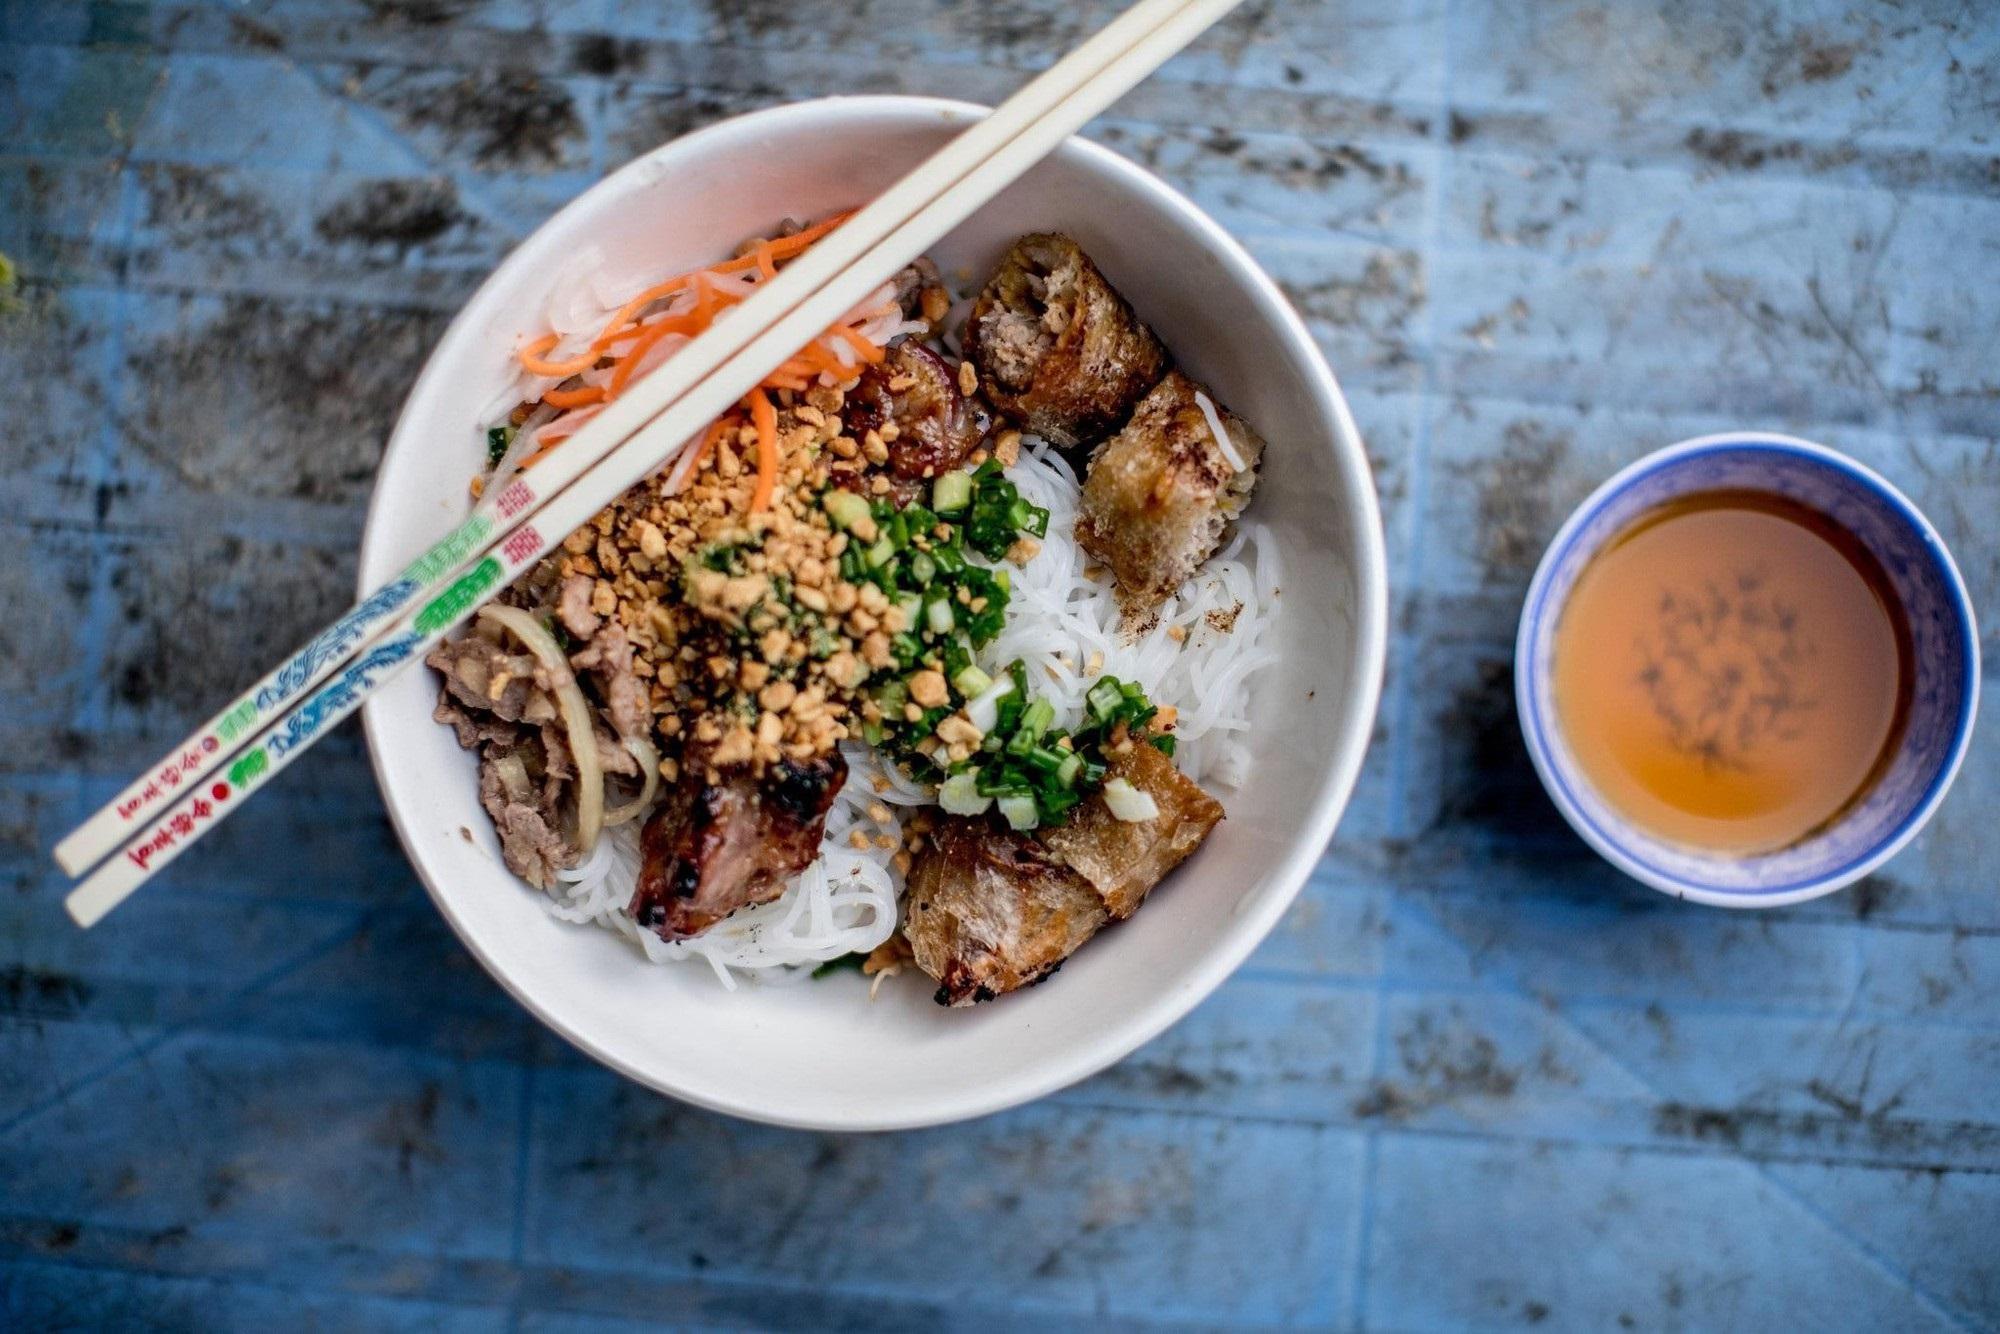 Quán bún thịt nướng có thâm niên trên 20 năm ở Sài Gòn - Ảnh 1